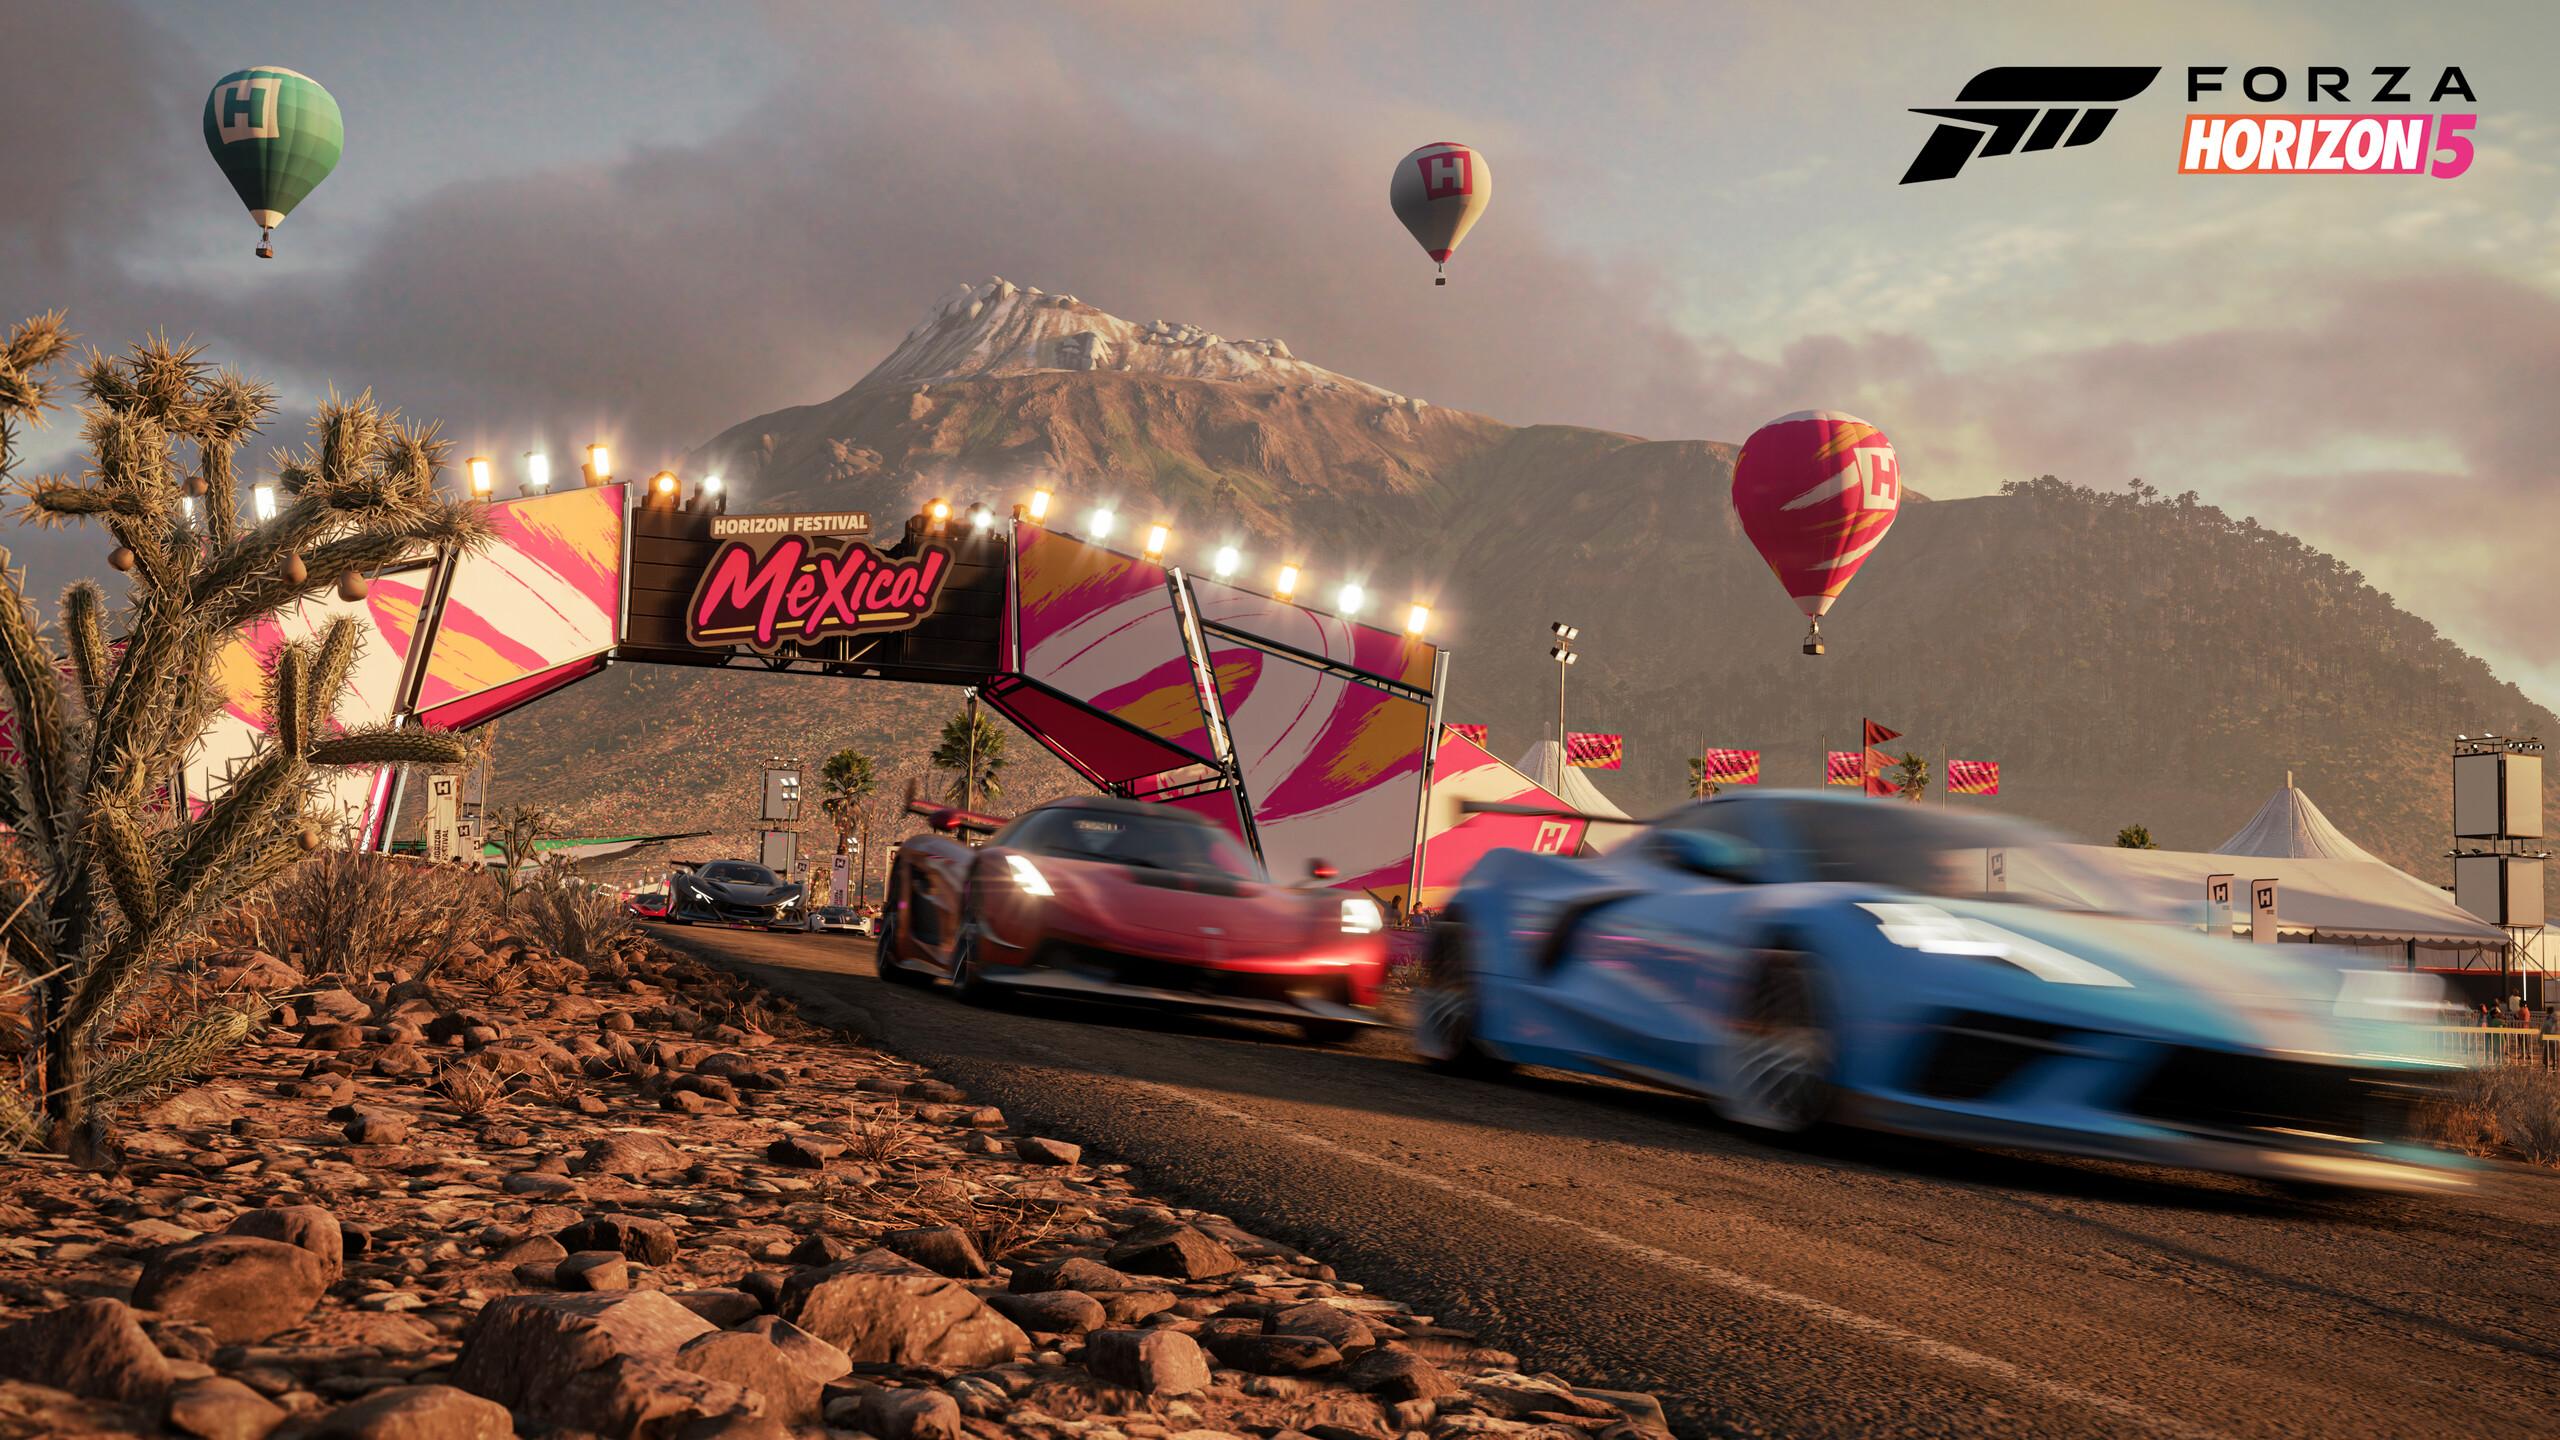 Foto de Forza Horizon 5: México (5/11)